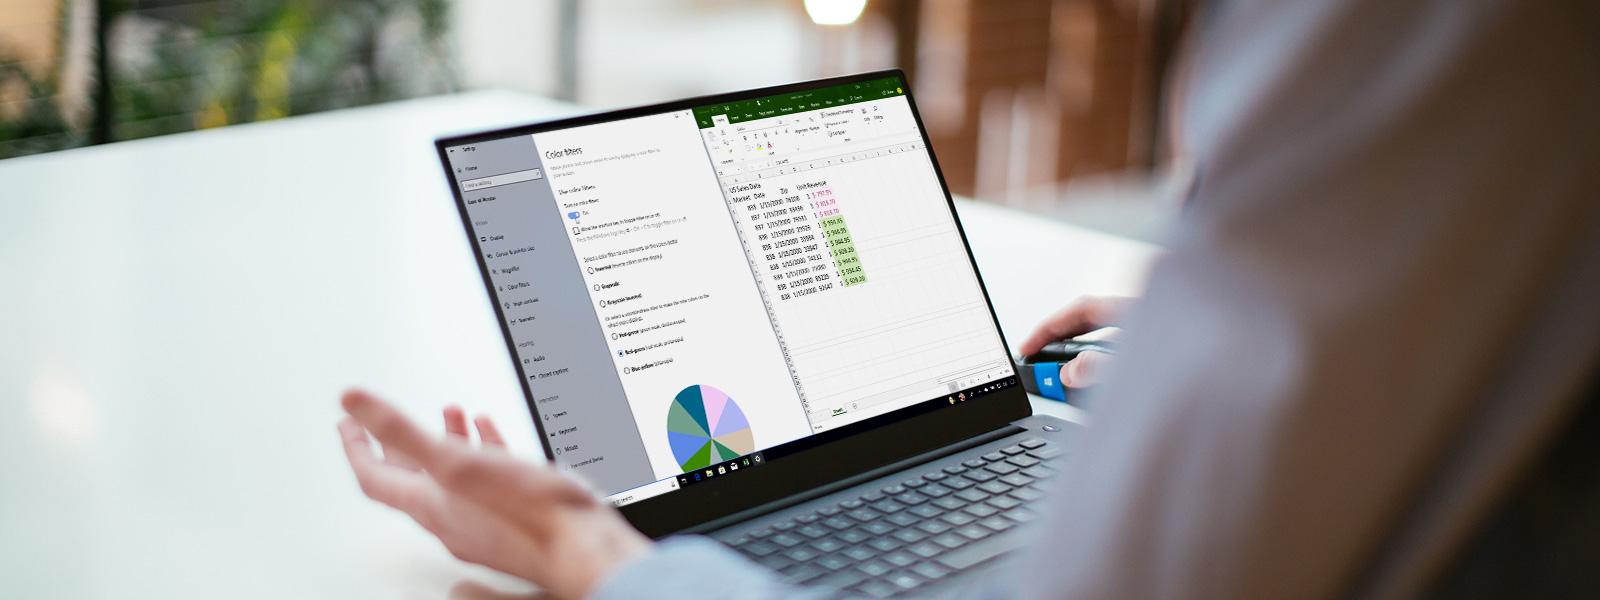 شخص يستخدم جهاز كمبيوتر محمولاً مزودًا بمرشحات ألوان ممكّنة في نظام التشغيل Windows 10